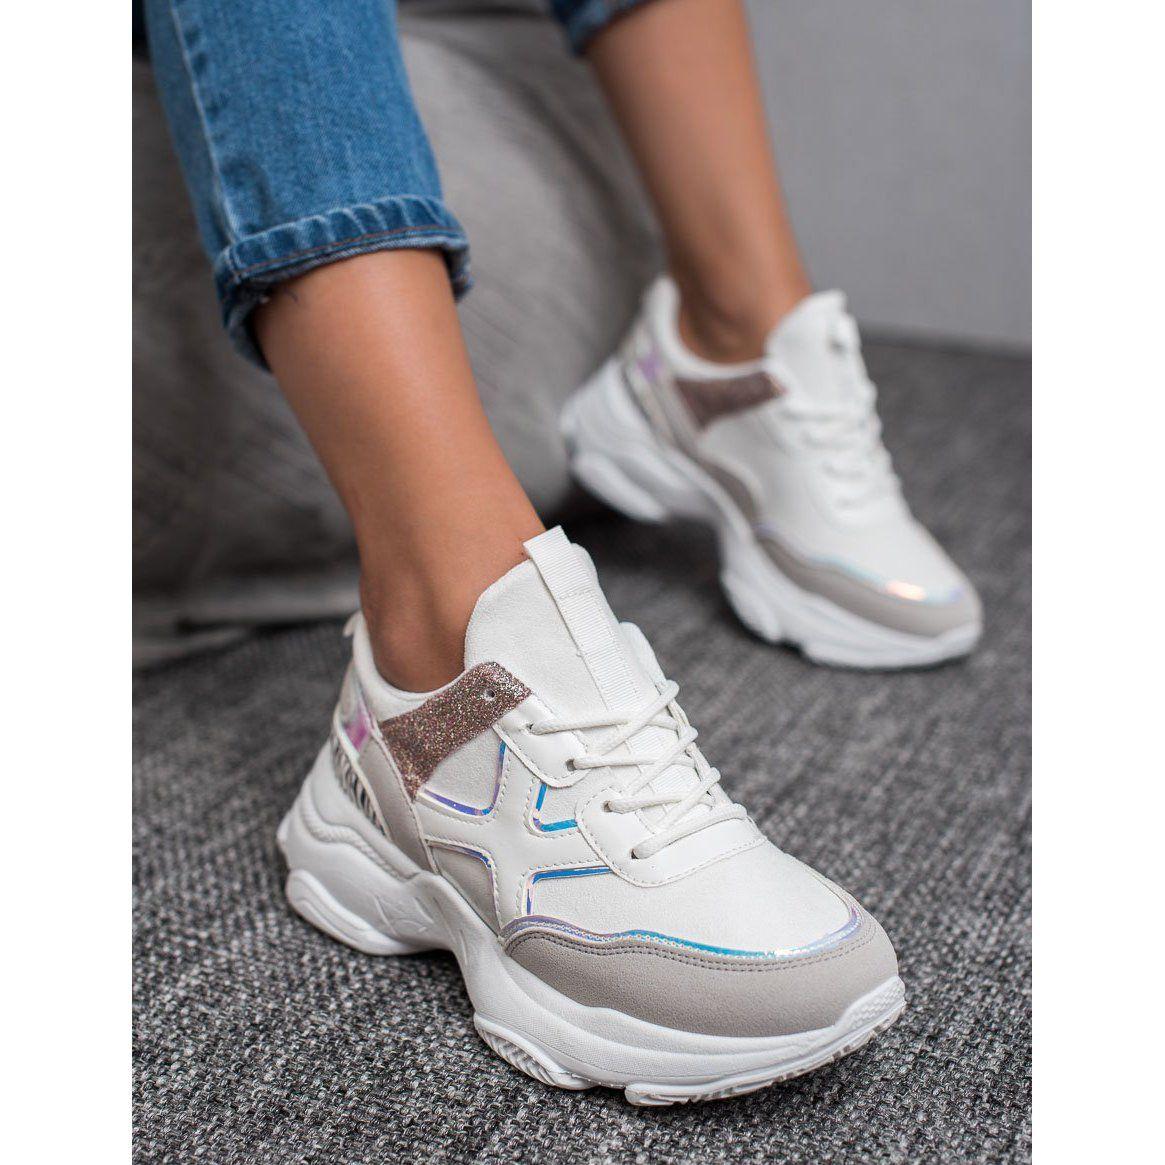 Shelovet Modne Buty Sportowe Biale Sport Shoes Plastic Heels Shoes